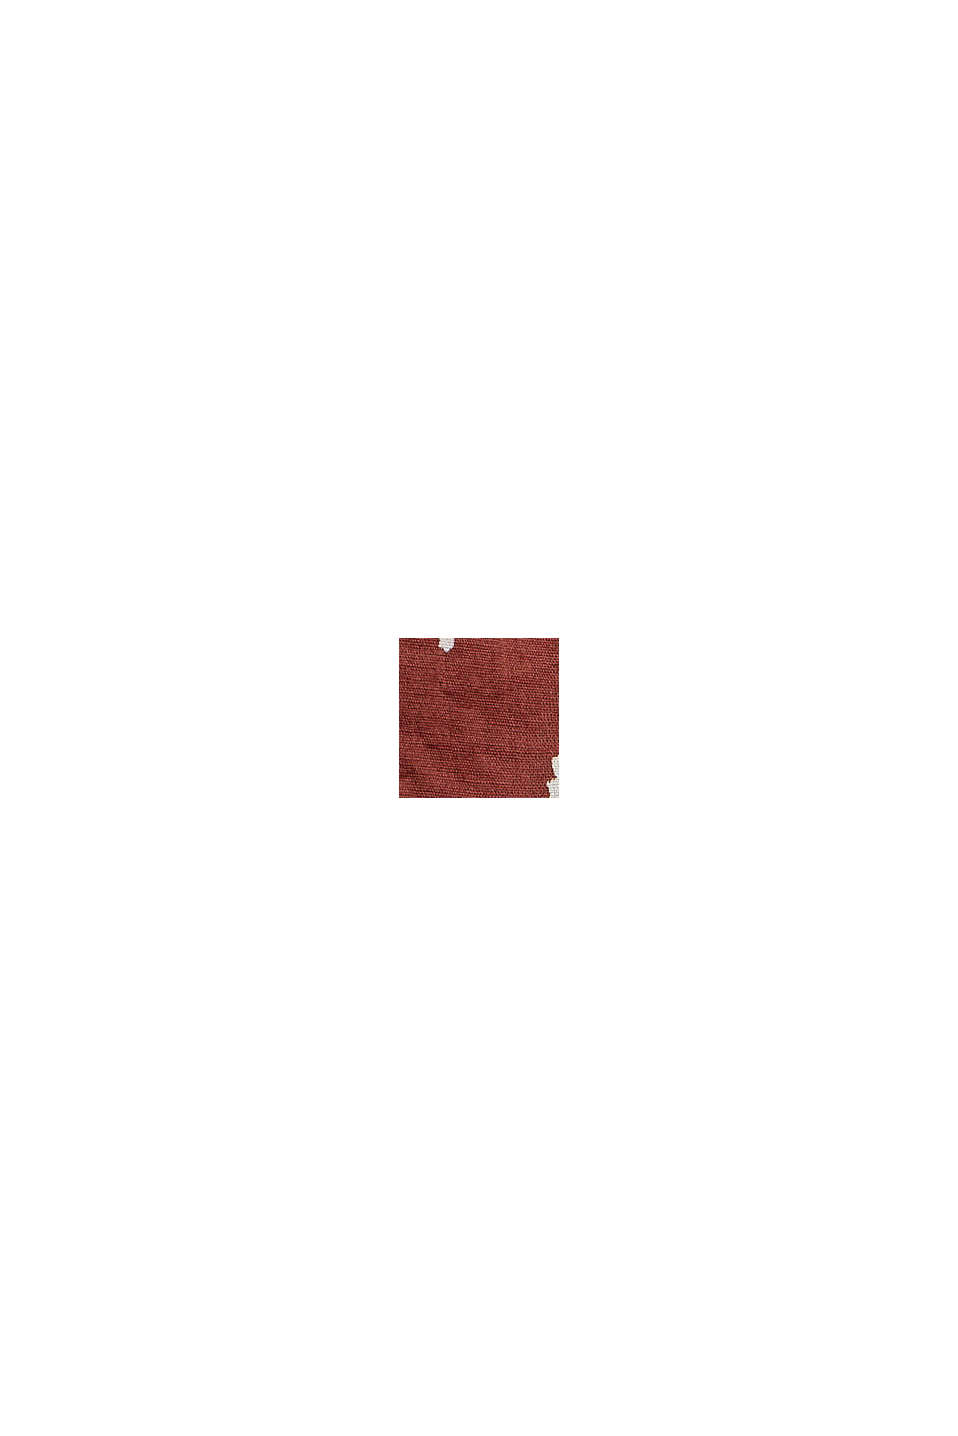 Smocksyet printbluse af økologisk bomuld, GARNET RED, swatch